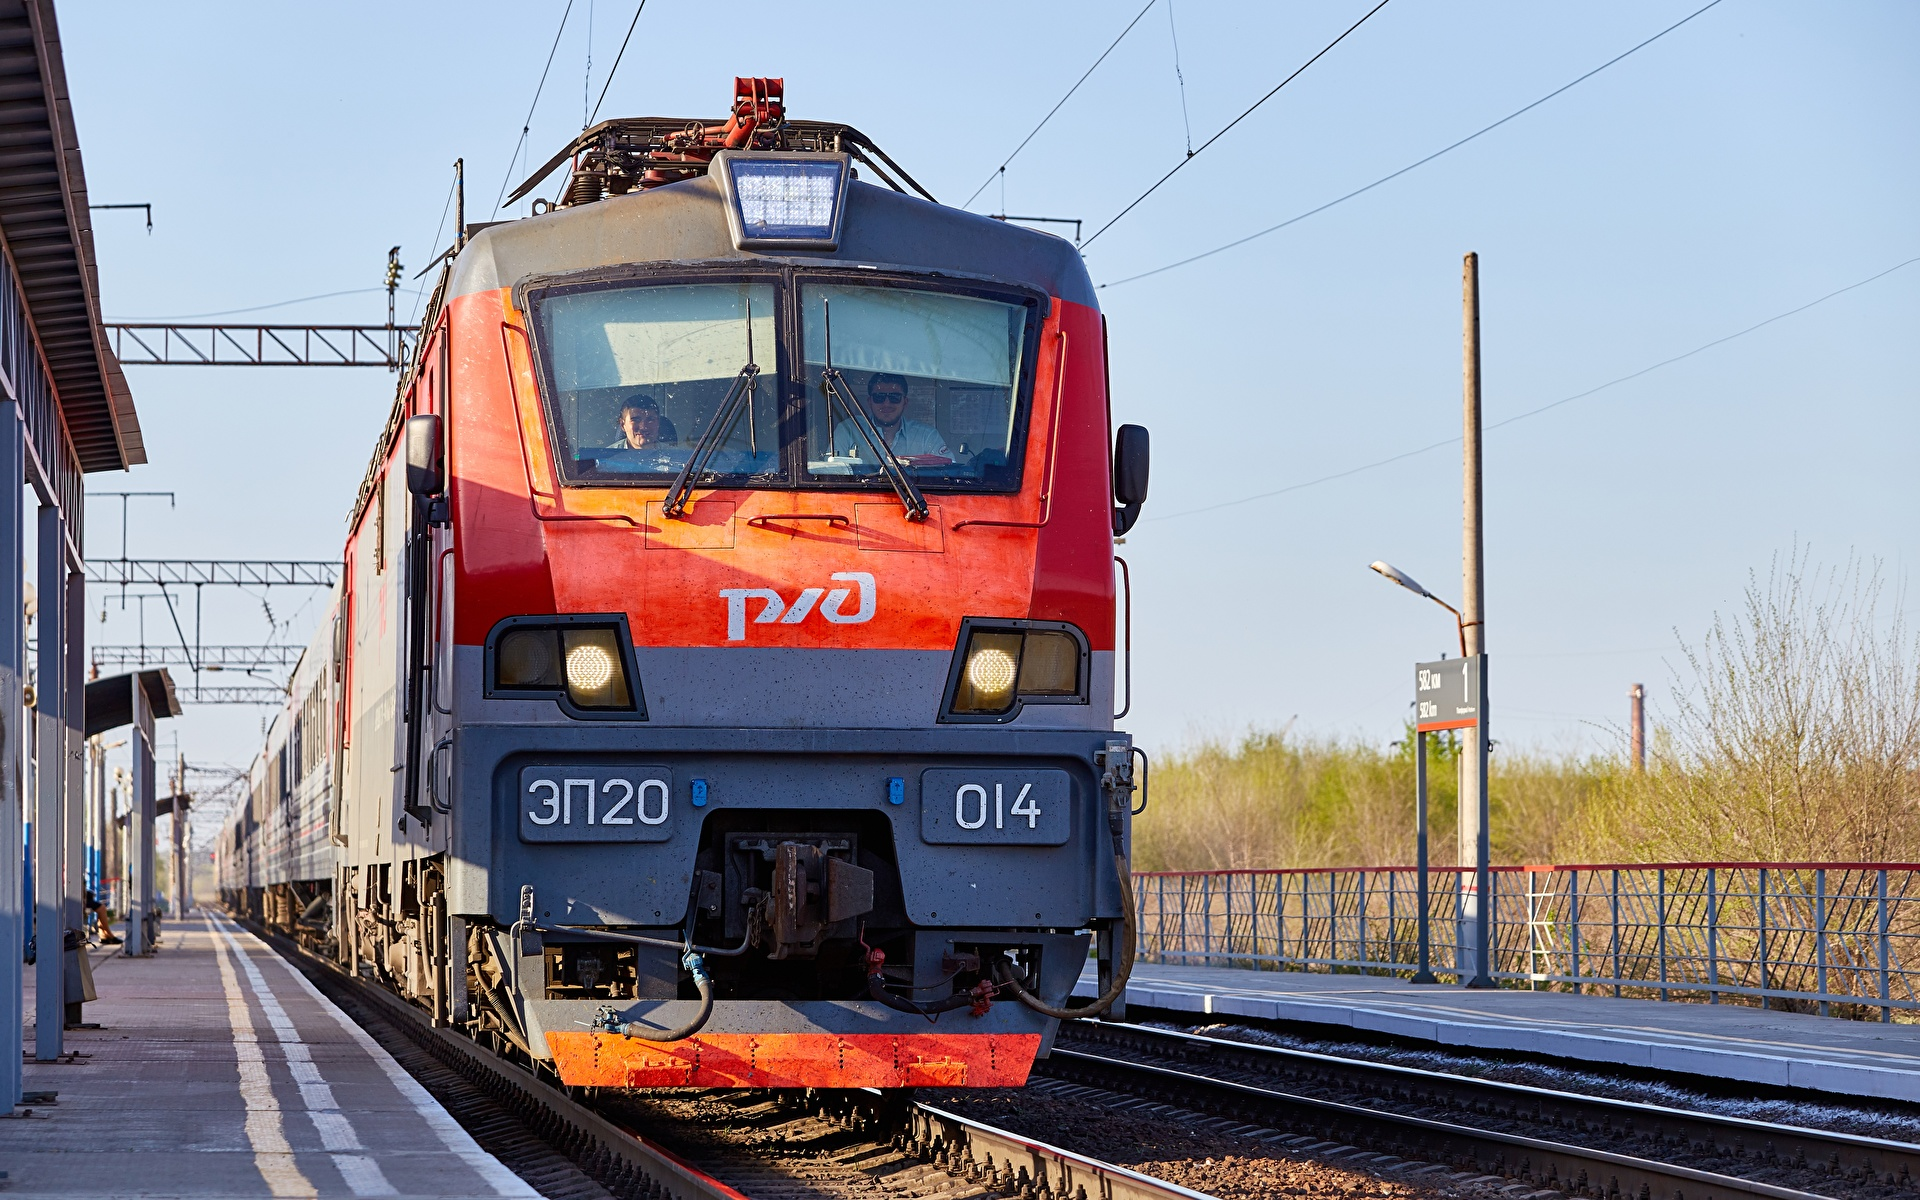 Fotos von Loks Russische Züge Vorne 1920x1200 Lokomotive